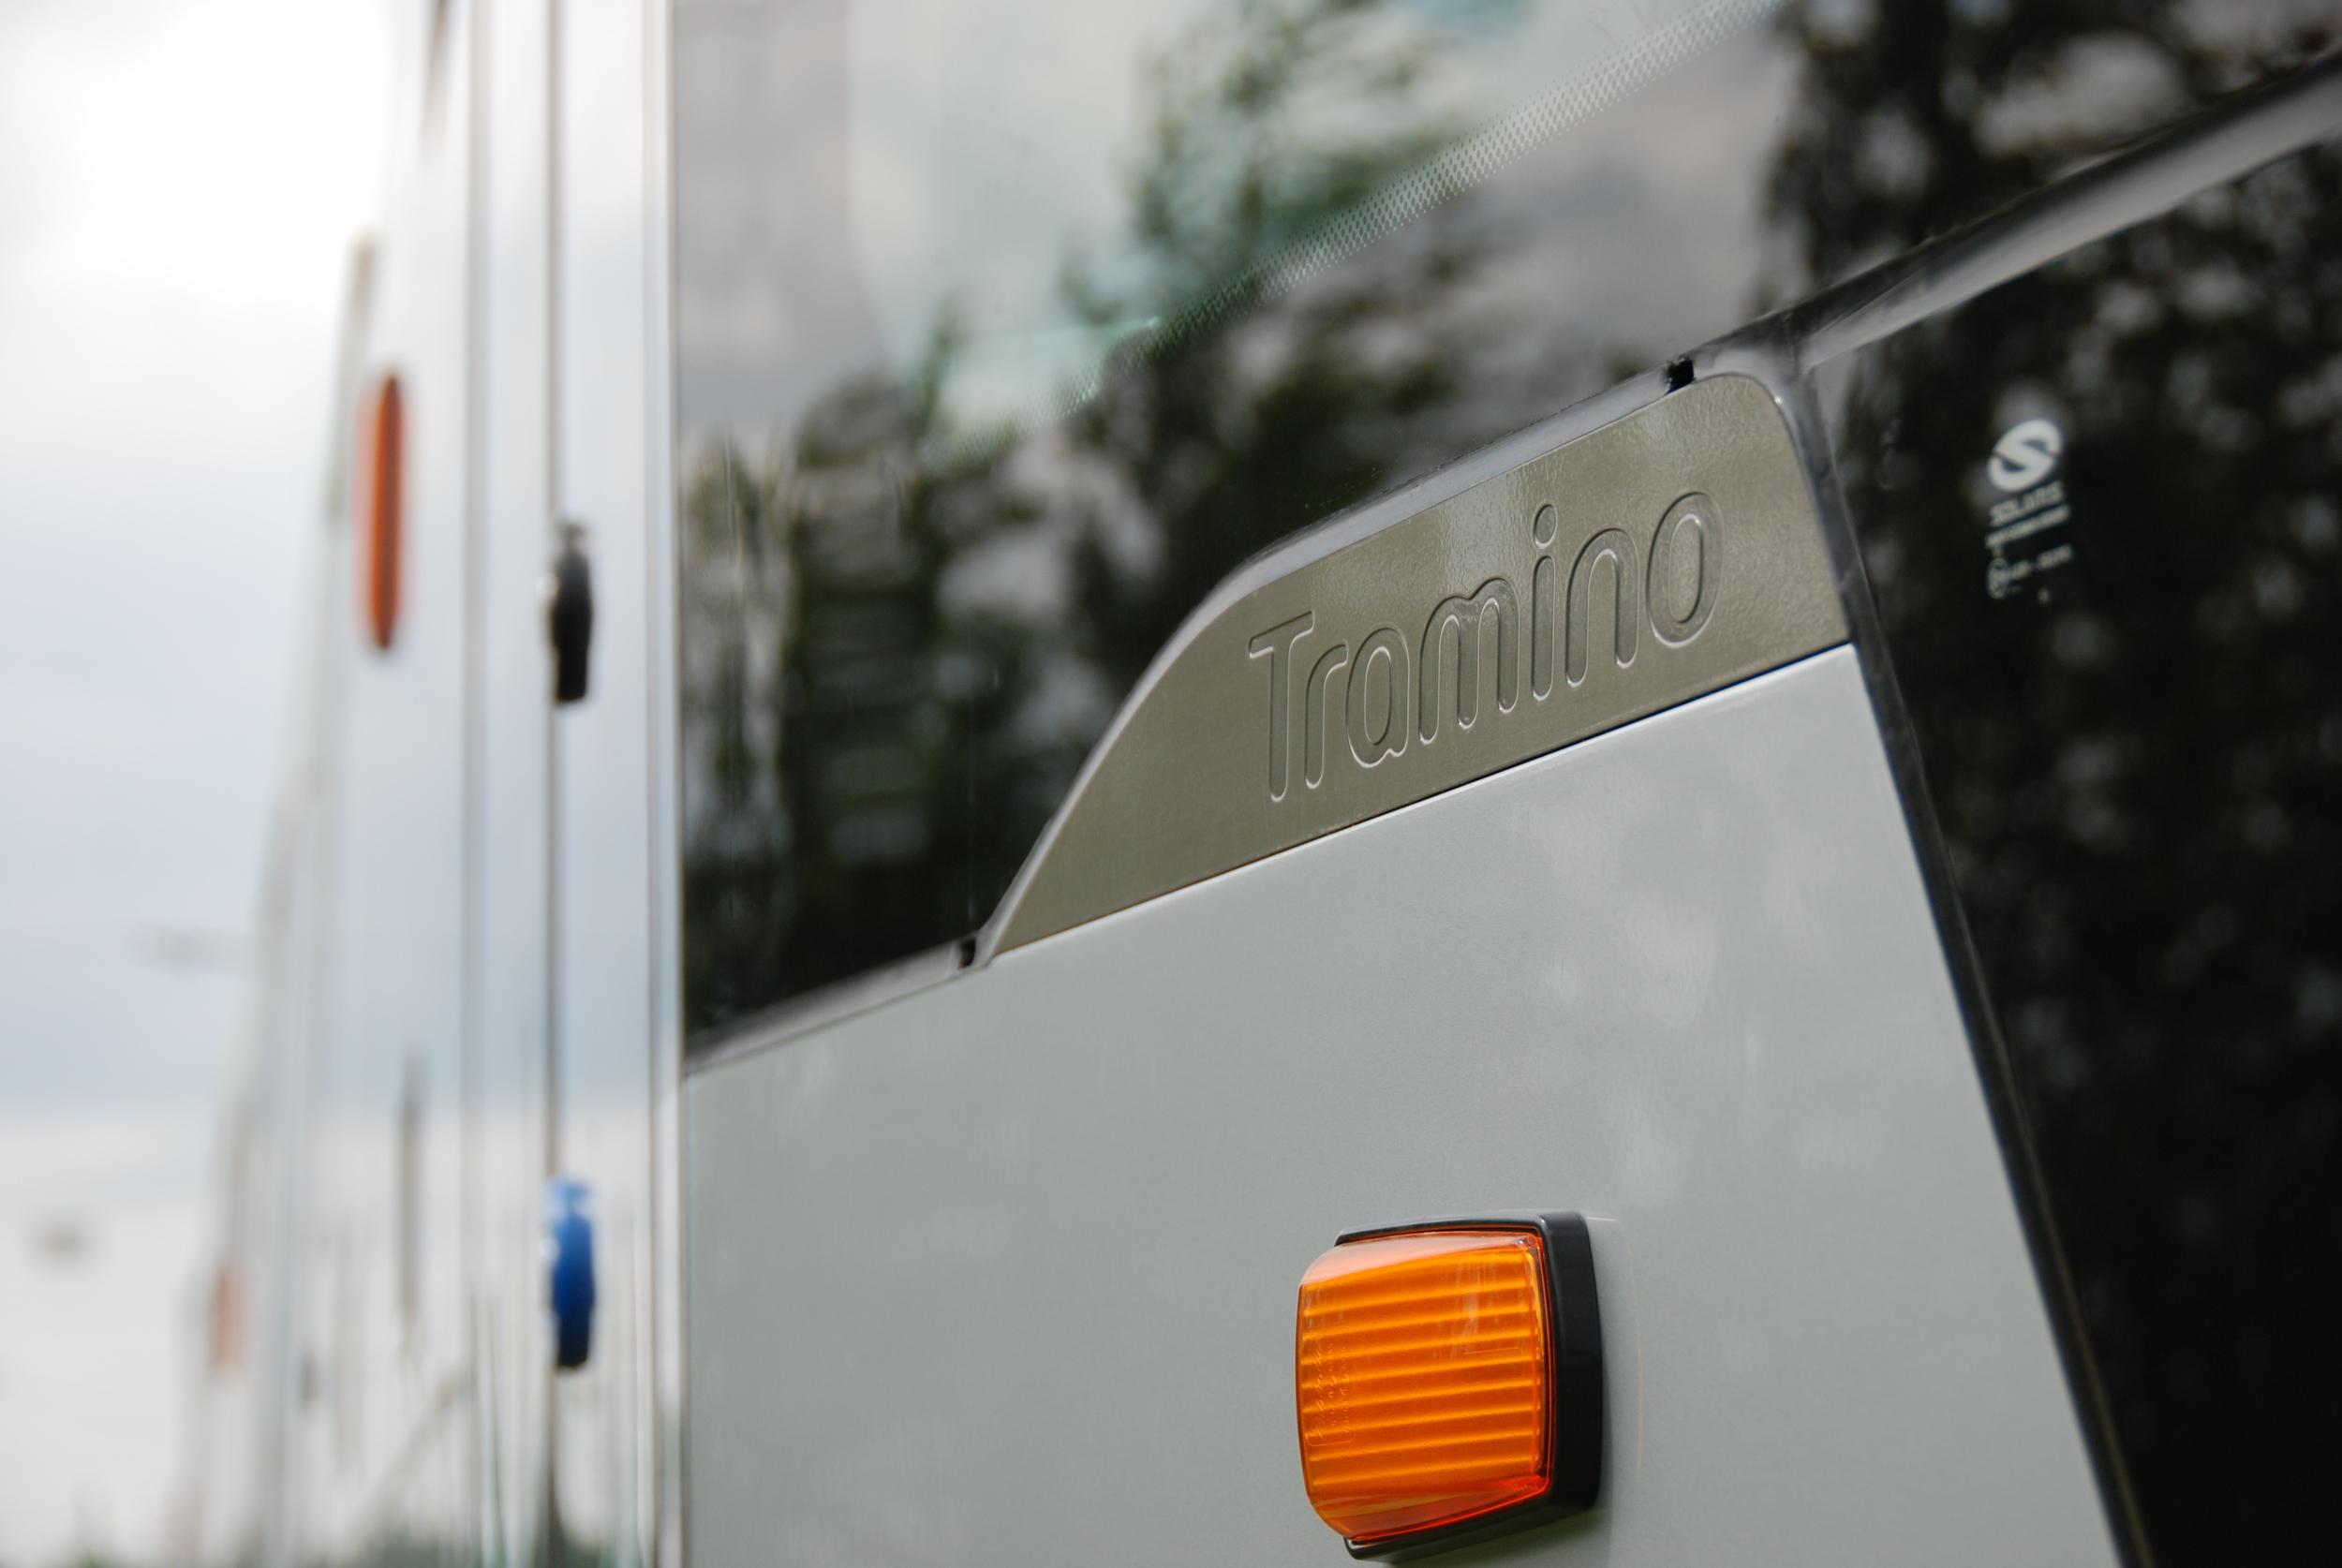 Solaris Tramino patří mezi moderní evropské tramvaje. Prosadit se na náročném trhu kolejových vozidel je ale pro polského producenta velmi komplikované. (foto: Libor Hinčica)